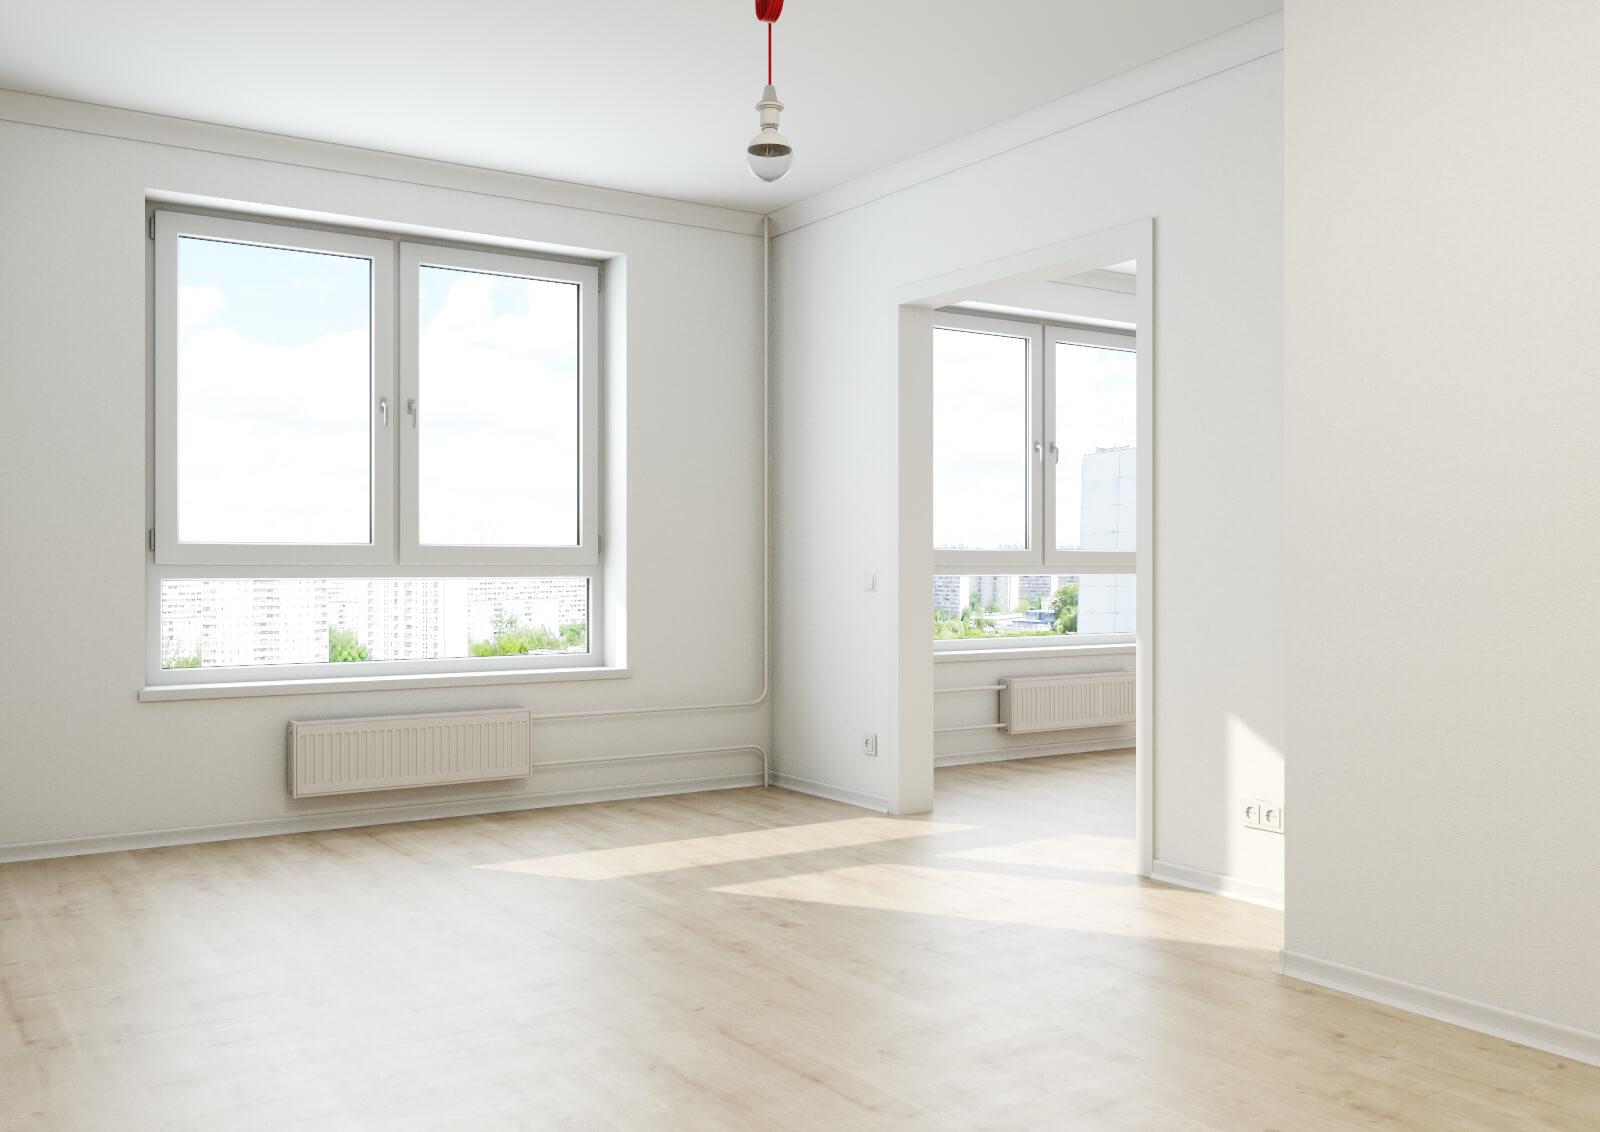 пик квартиры с отделкой фото